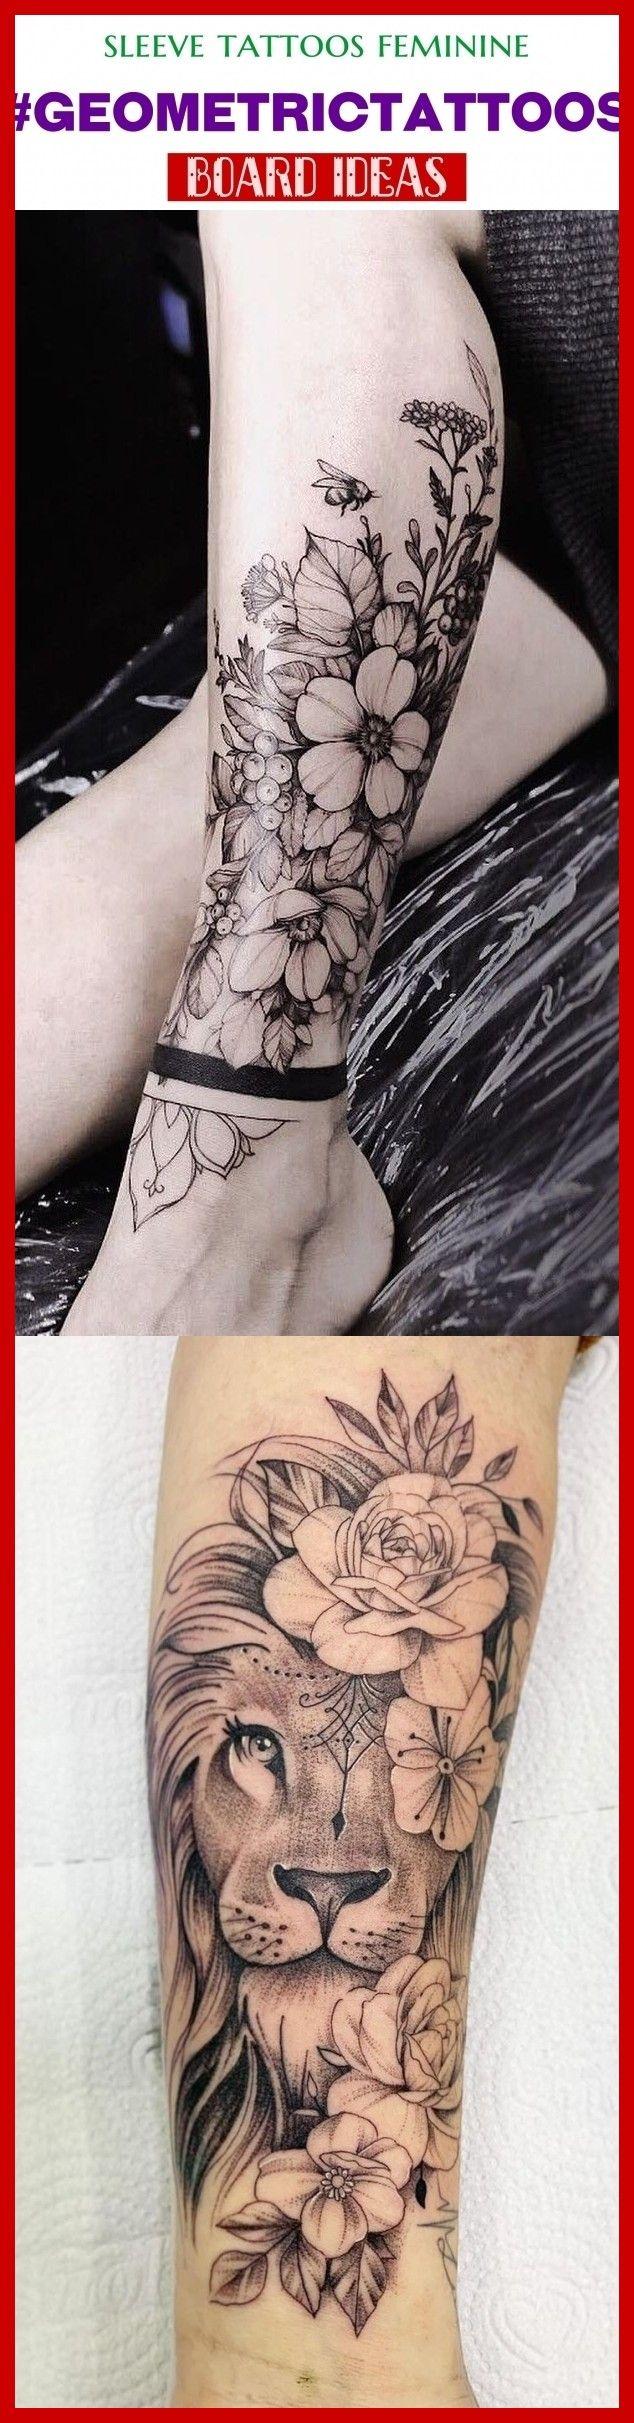 Sleeve tattoos feminine . sleeve tattoos for women, sleeve tattoos for guys, sleeve tattoos unique